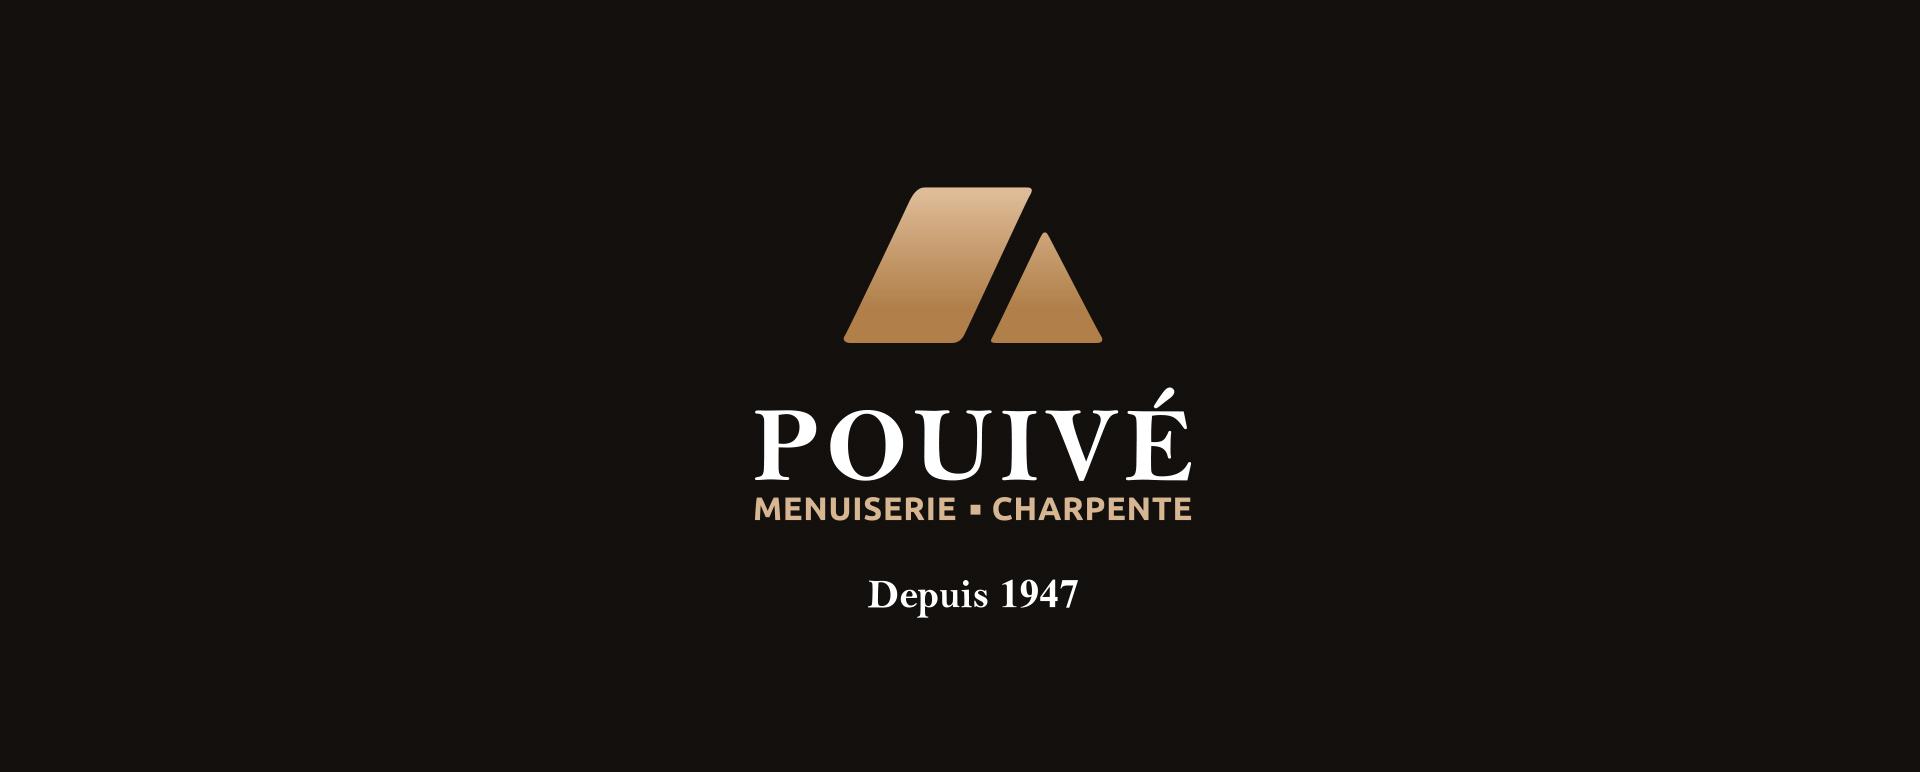 Menuiserie Charpente Pouivé